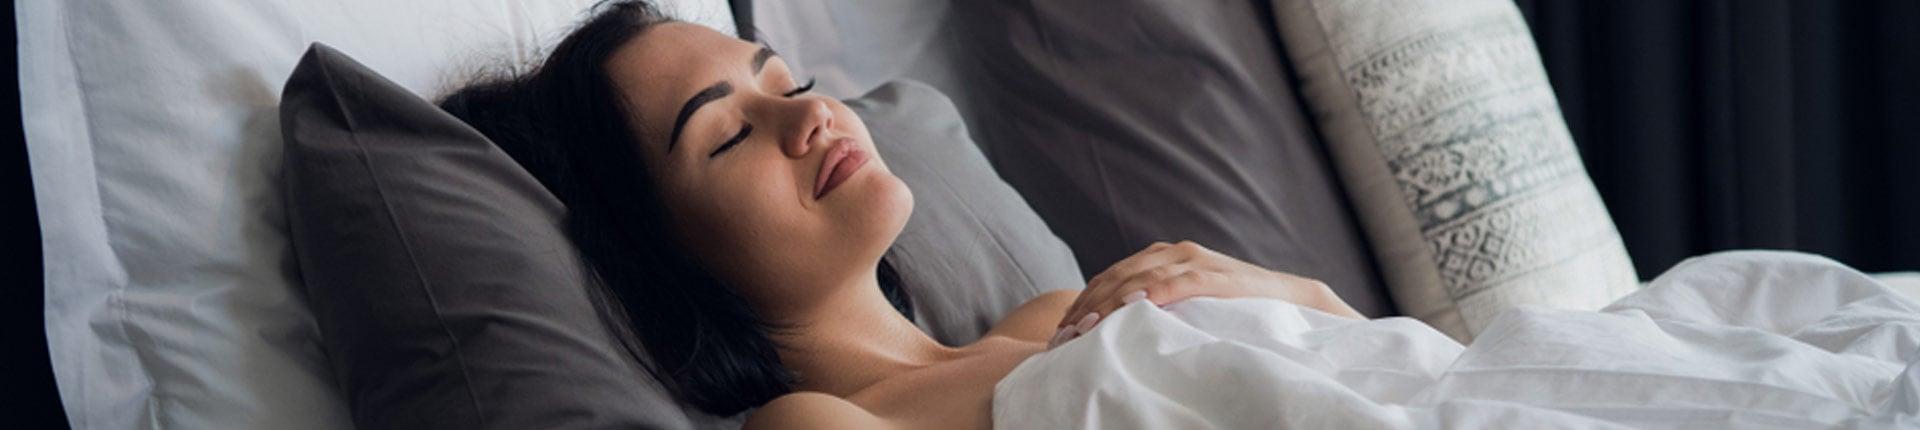 Jak zasnąć bez liczenia owiec? Co ułatwia zasypianie?